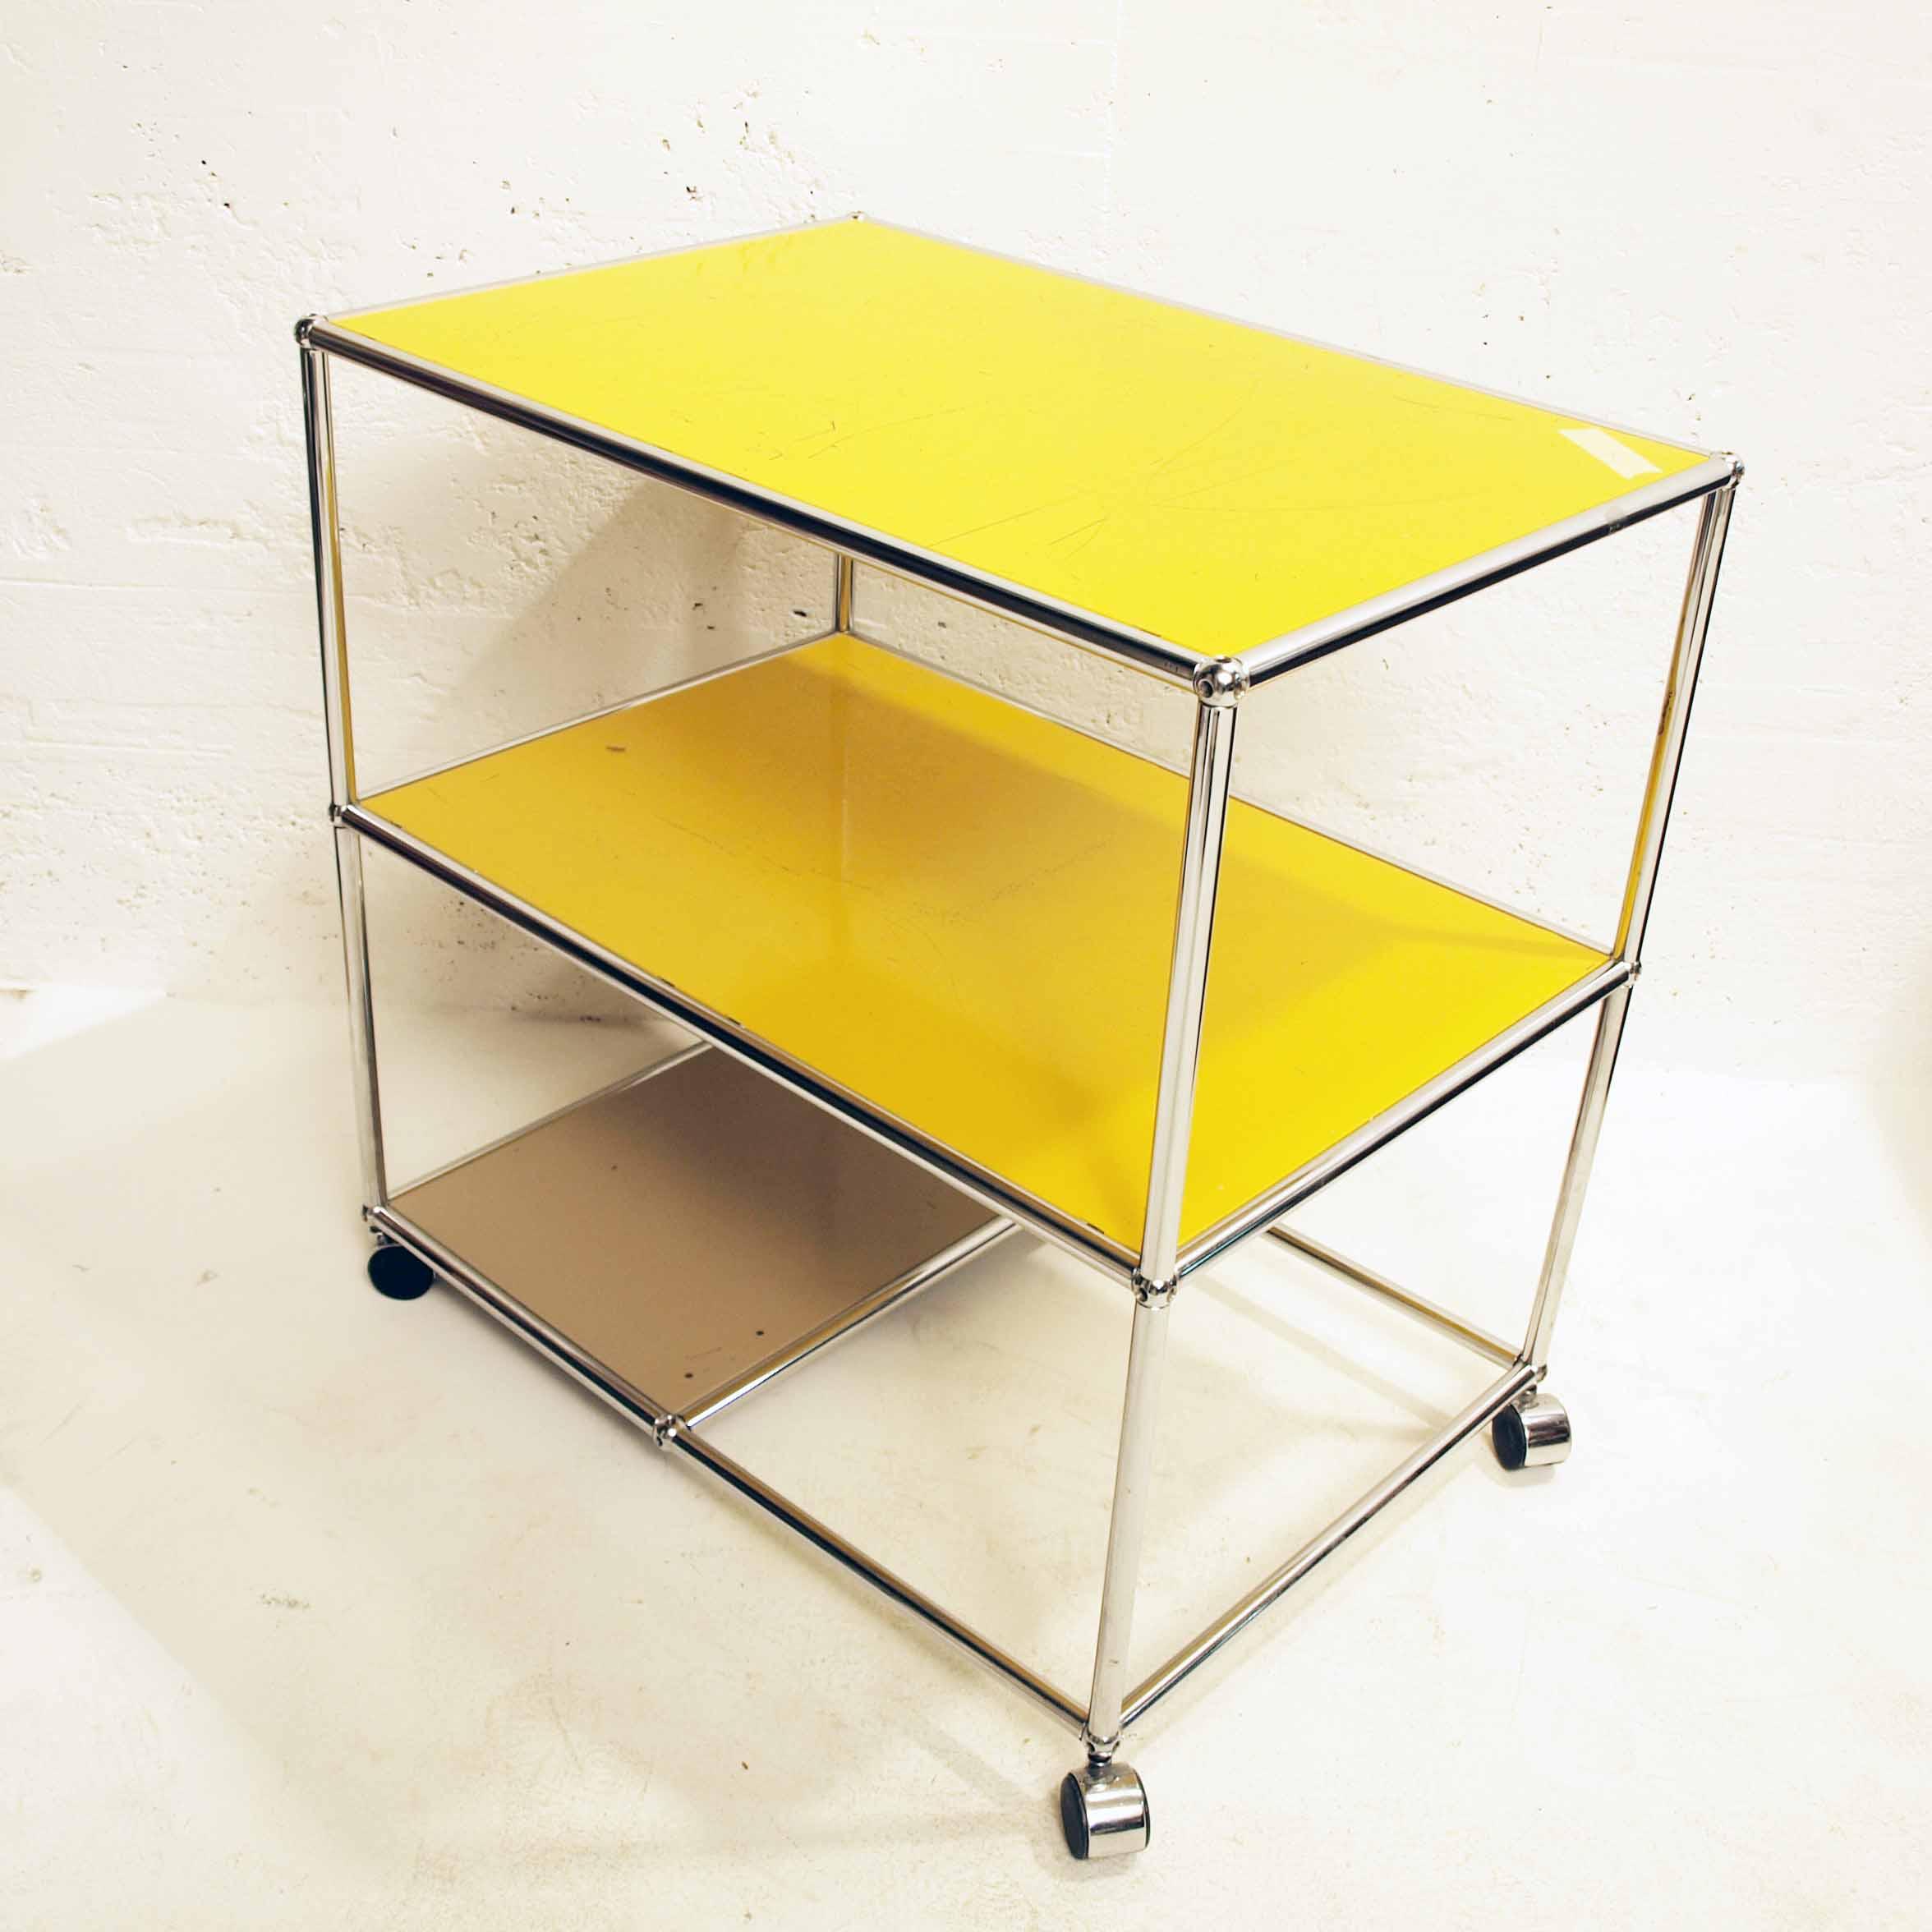 usm arbeitstisch gelb m bel z rich vintagem bel. Black Bedroom Furniture Sets. Home Design Ideas